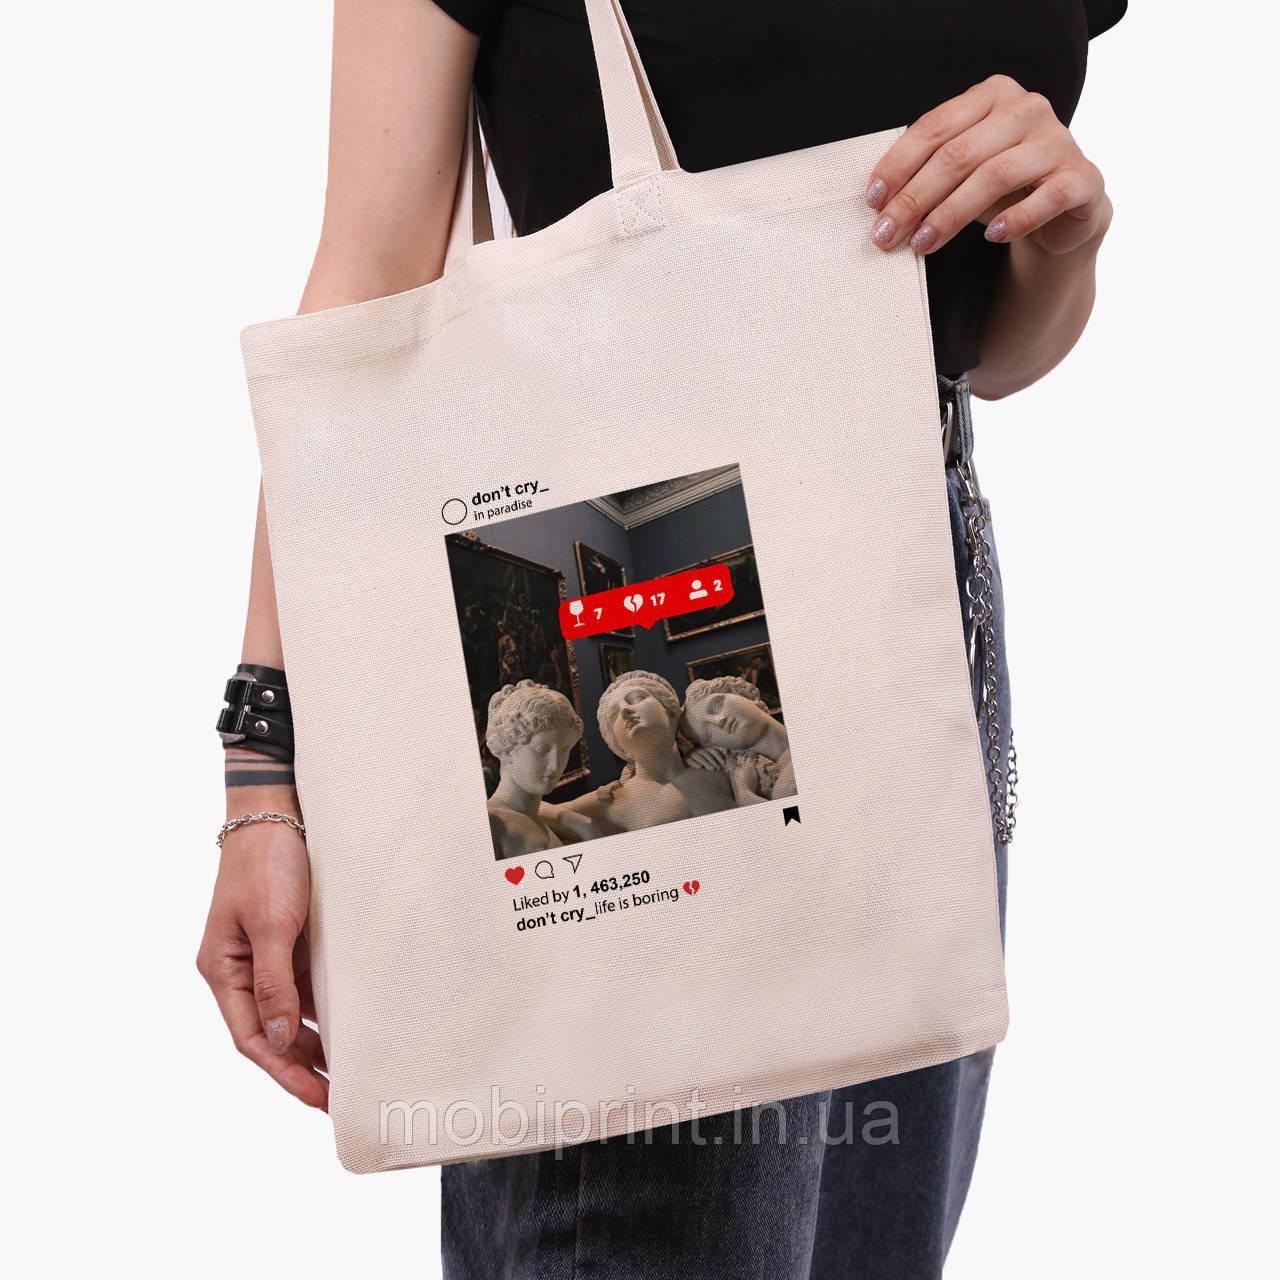 Эко сумка шоппер Ренессанс-Скульптуры в Instagram (9227-1589)  экосумка шопер 41*35 см